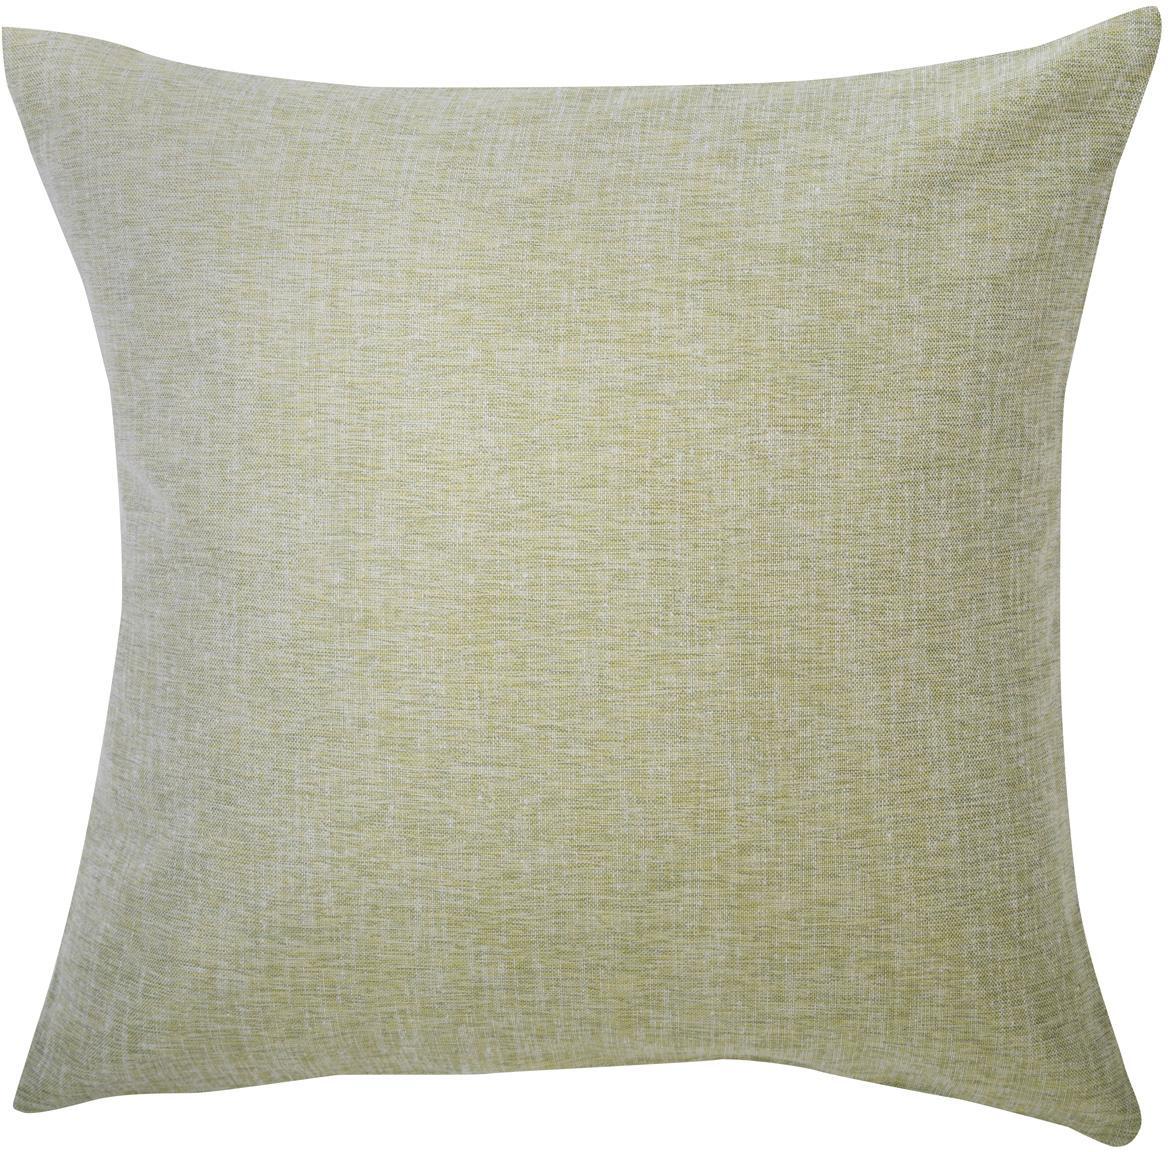 wickelauflage stoff gr n preisvergleich die besten angebote online kaufen. Black Bedroom Furniture Sets. Home Design Ideas